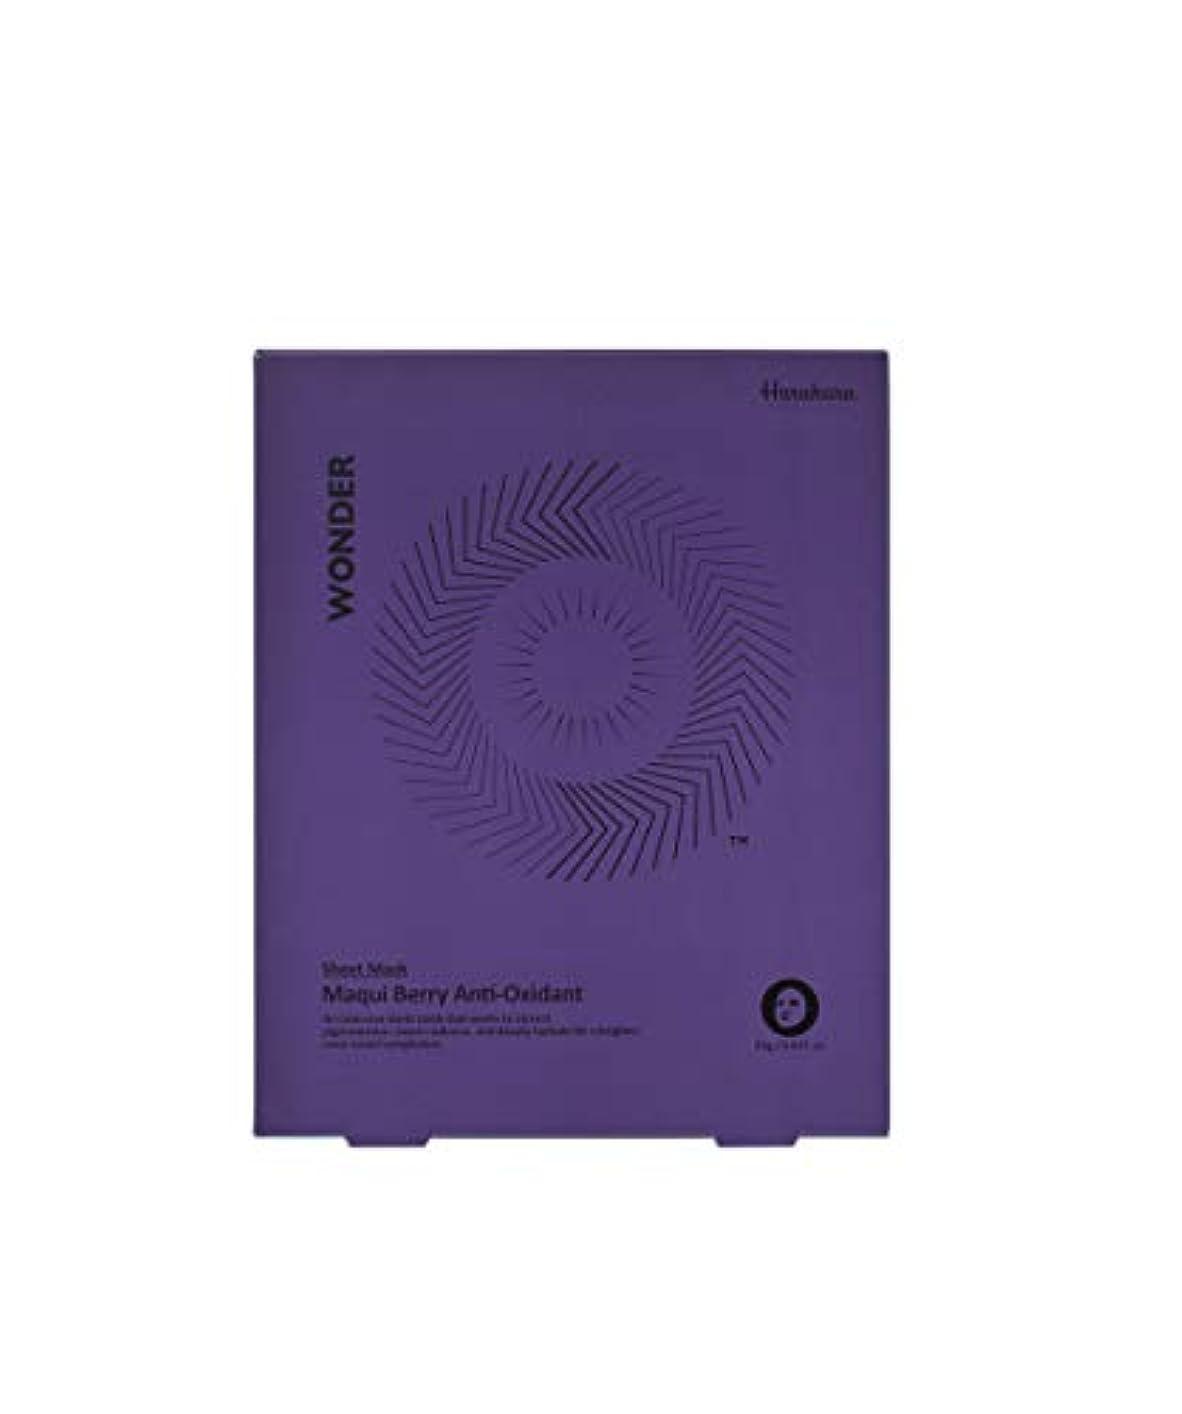 アナニバーマチュピチュ豊かなHaruharu(ハルハル) ハルハルワンダー MBAOマスク(5枚入り) フェイスパック 25ml×5枚